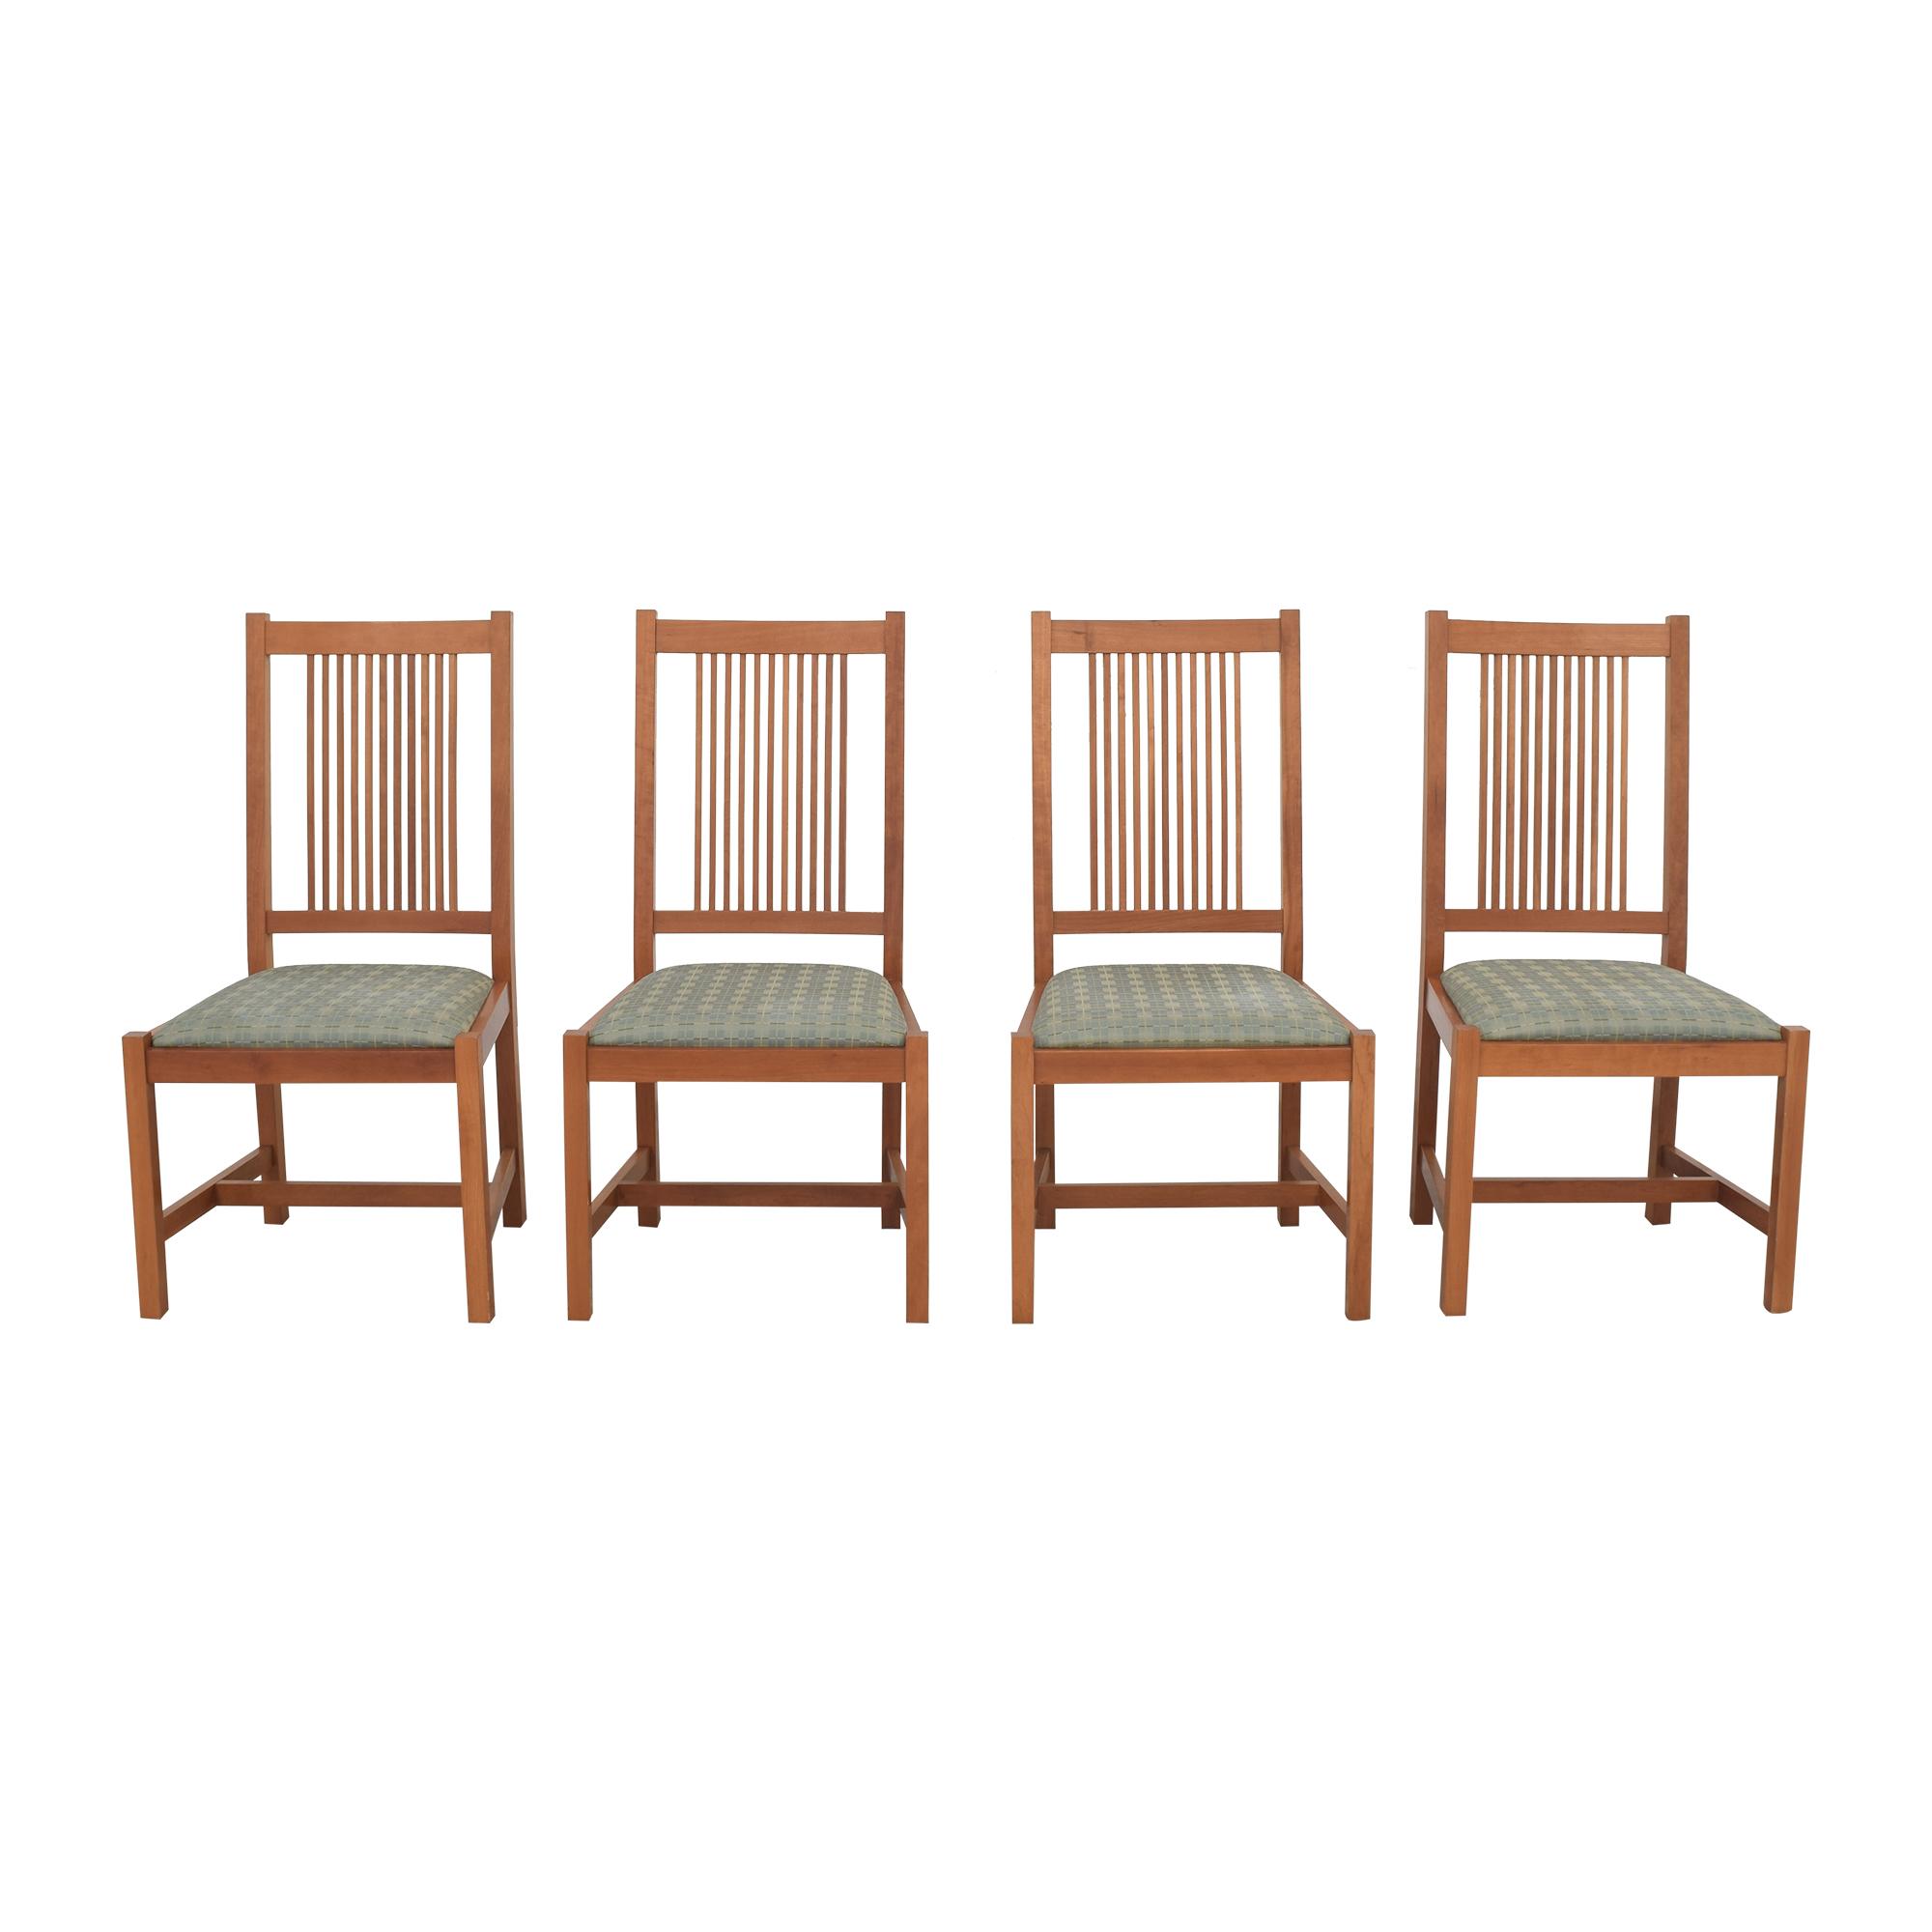 Scott Jordan Furniture Scott Jordan Mission Style Dining Chairs ma